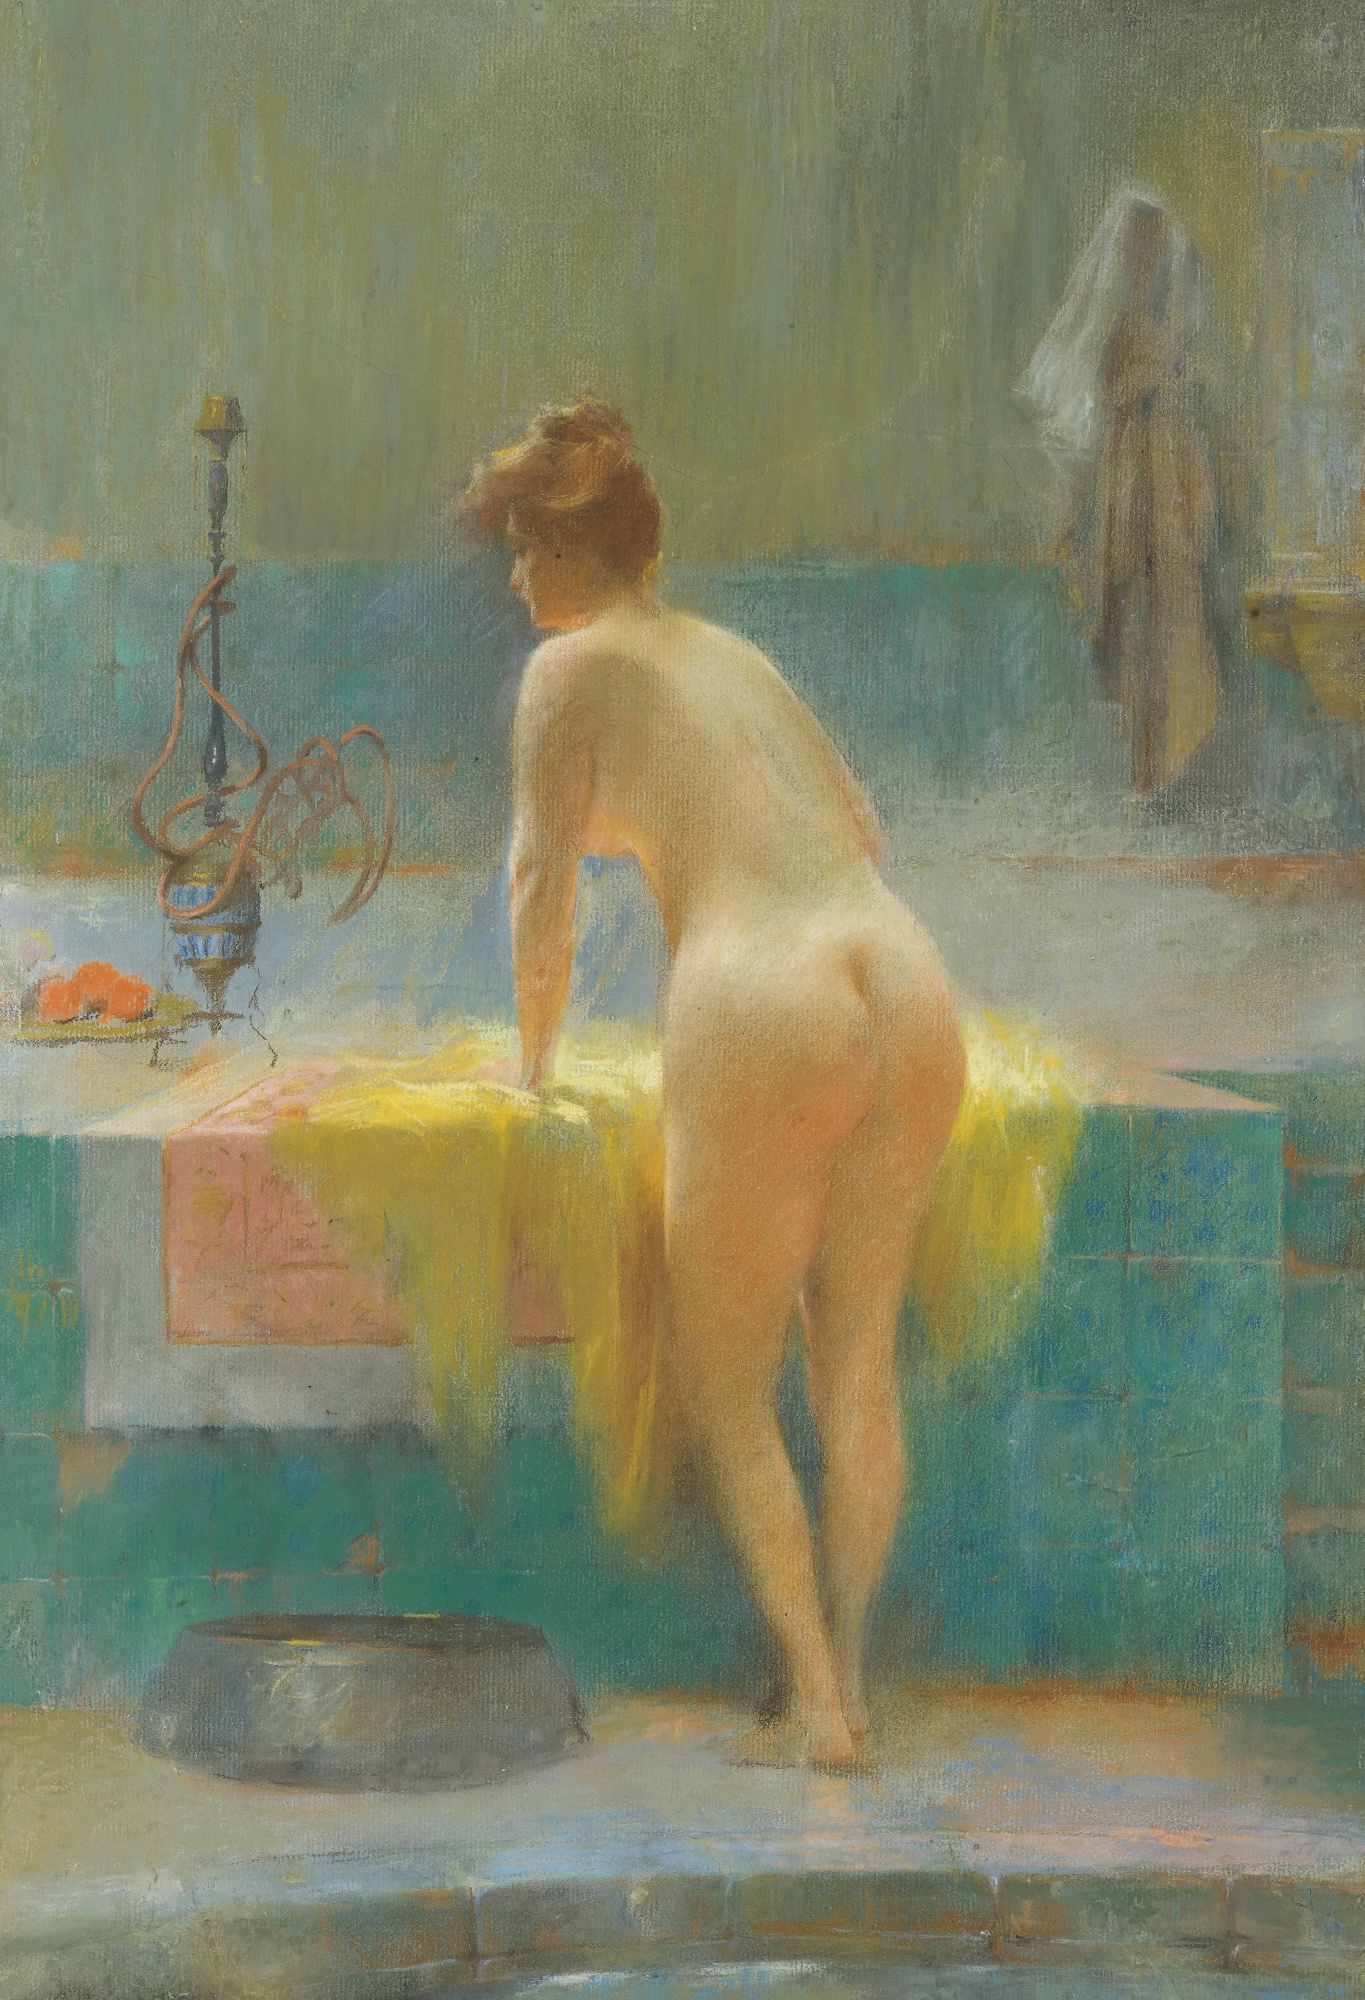 Sarkis Diranian, 1854-1918. Молодая купальщица. 53 х 36 см. Частная коллекция